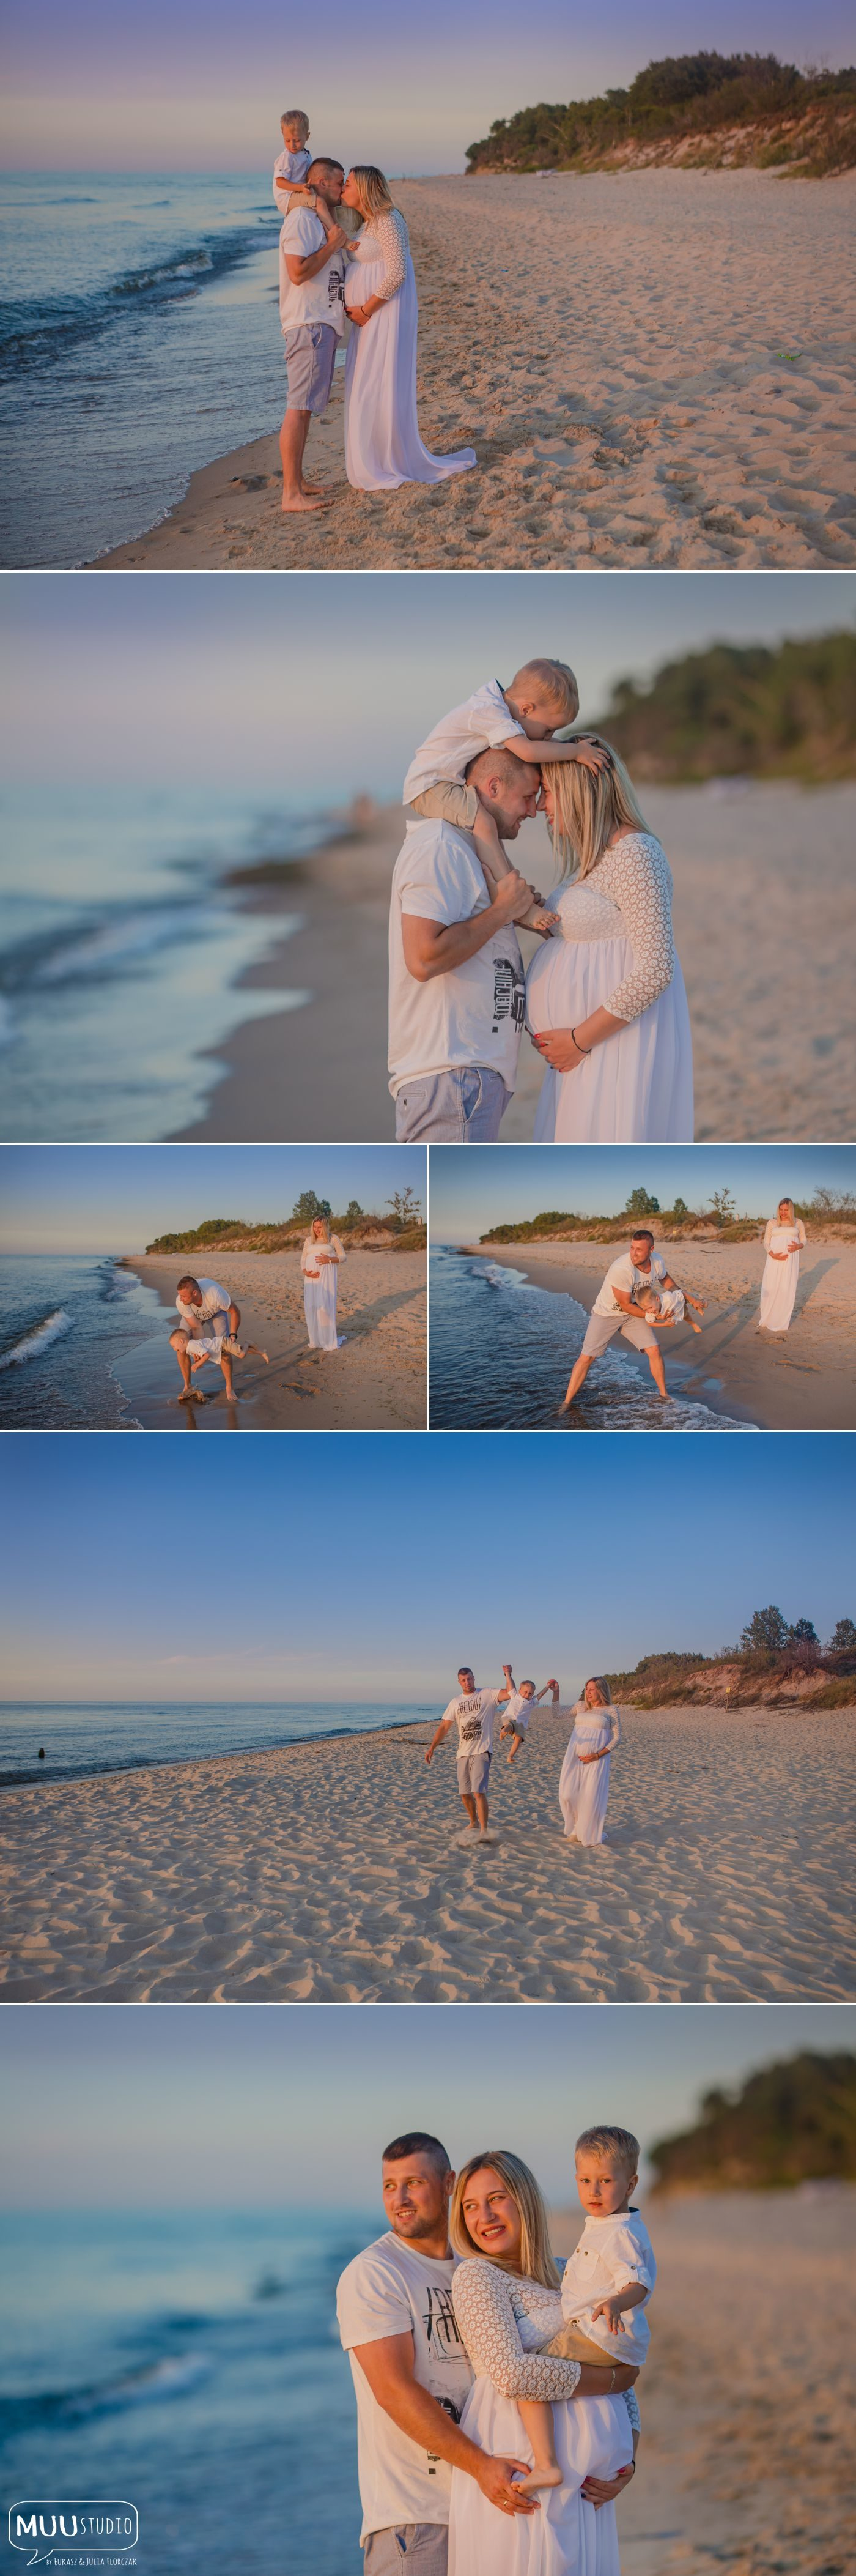 sesja fotograficzna nad morzem